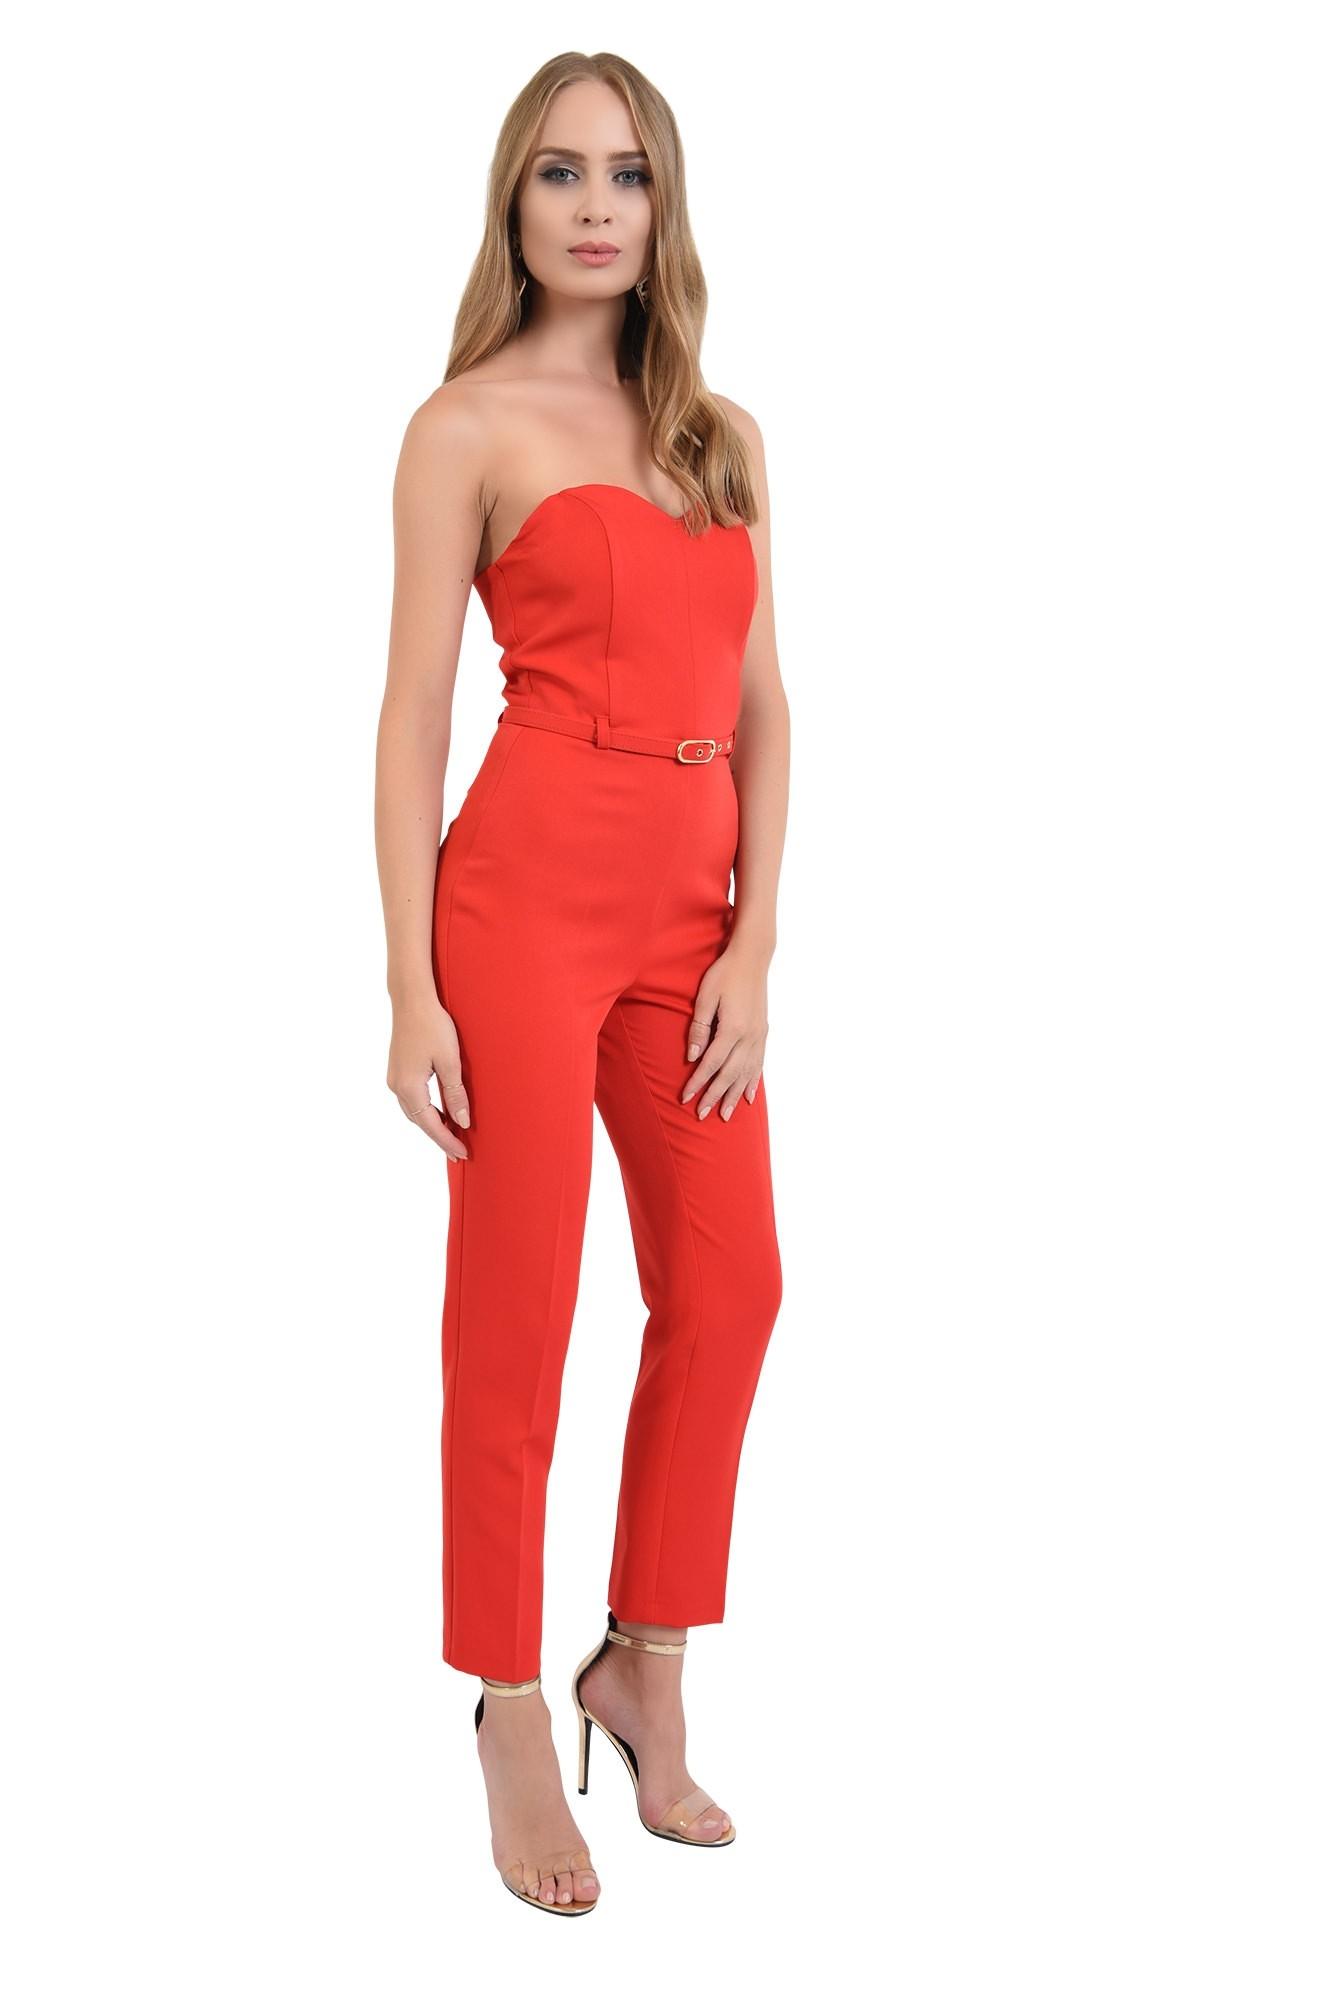 0 -  salopeta lunga, eleganta, rosie, cu corset, curea